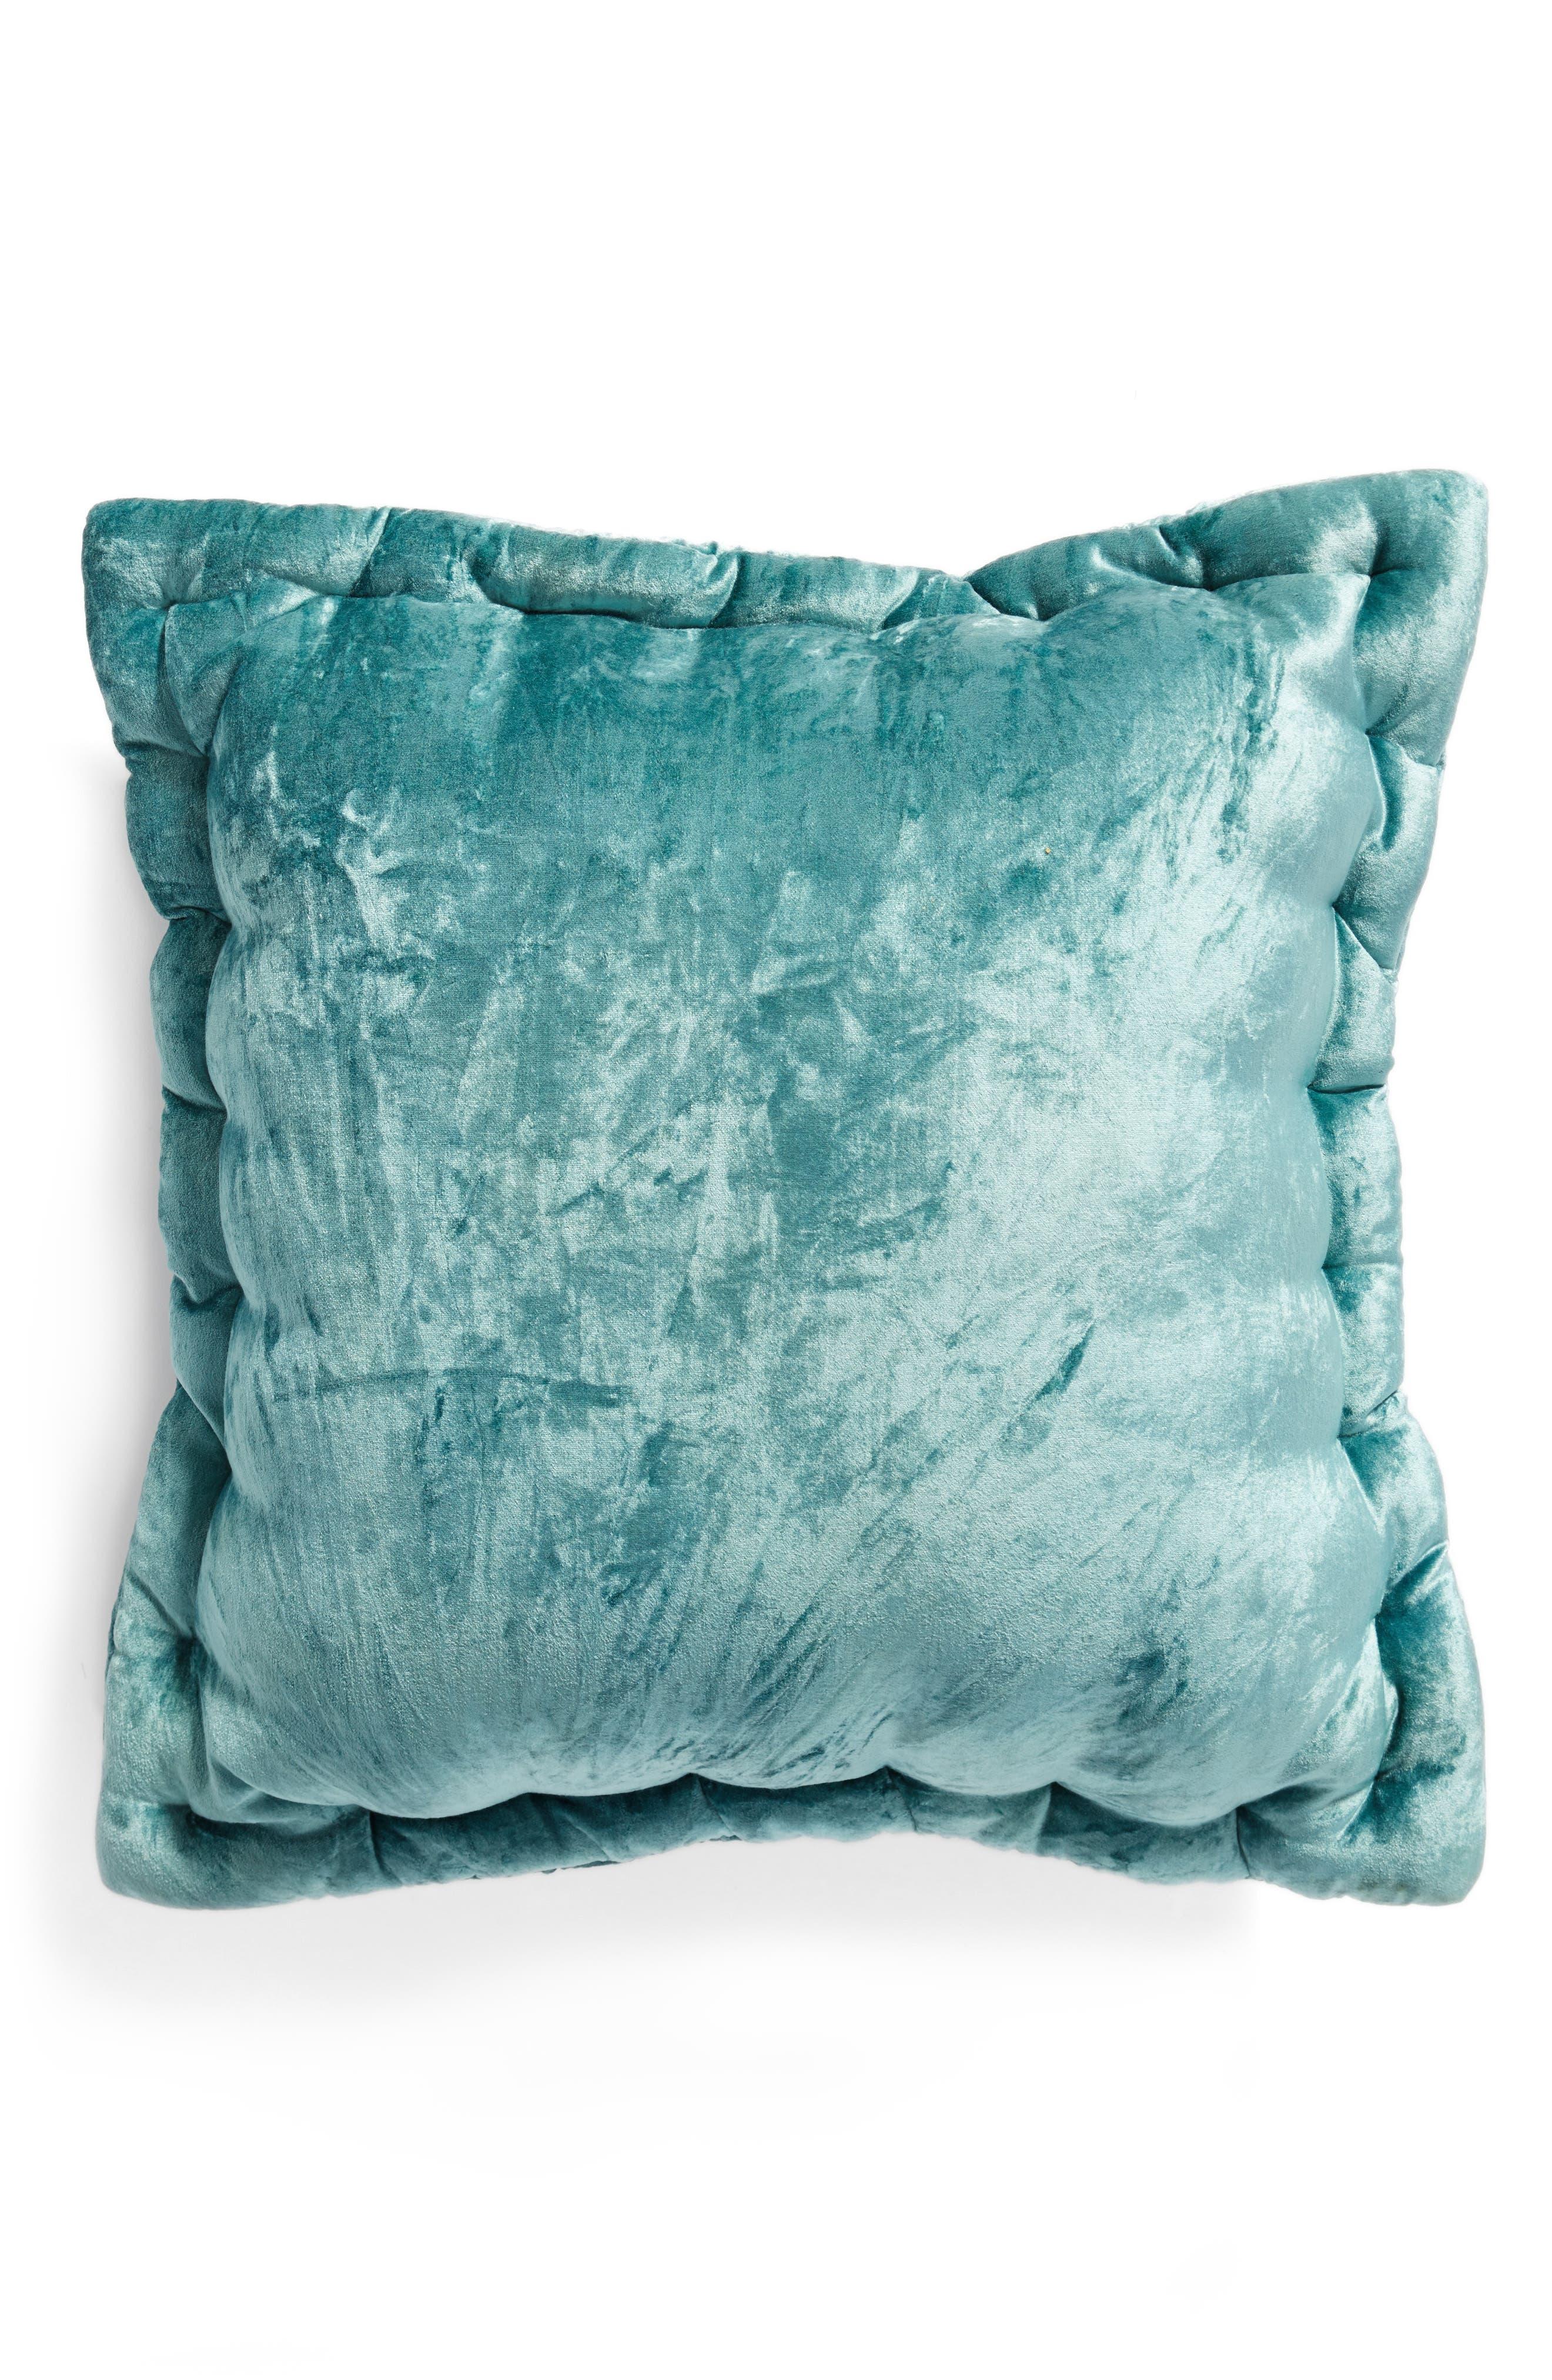 Velvet Accent Pillow,                             Alternate thumbnail 2, color,                             440